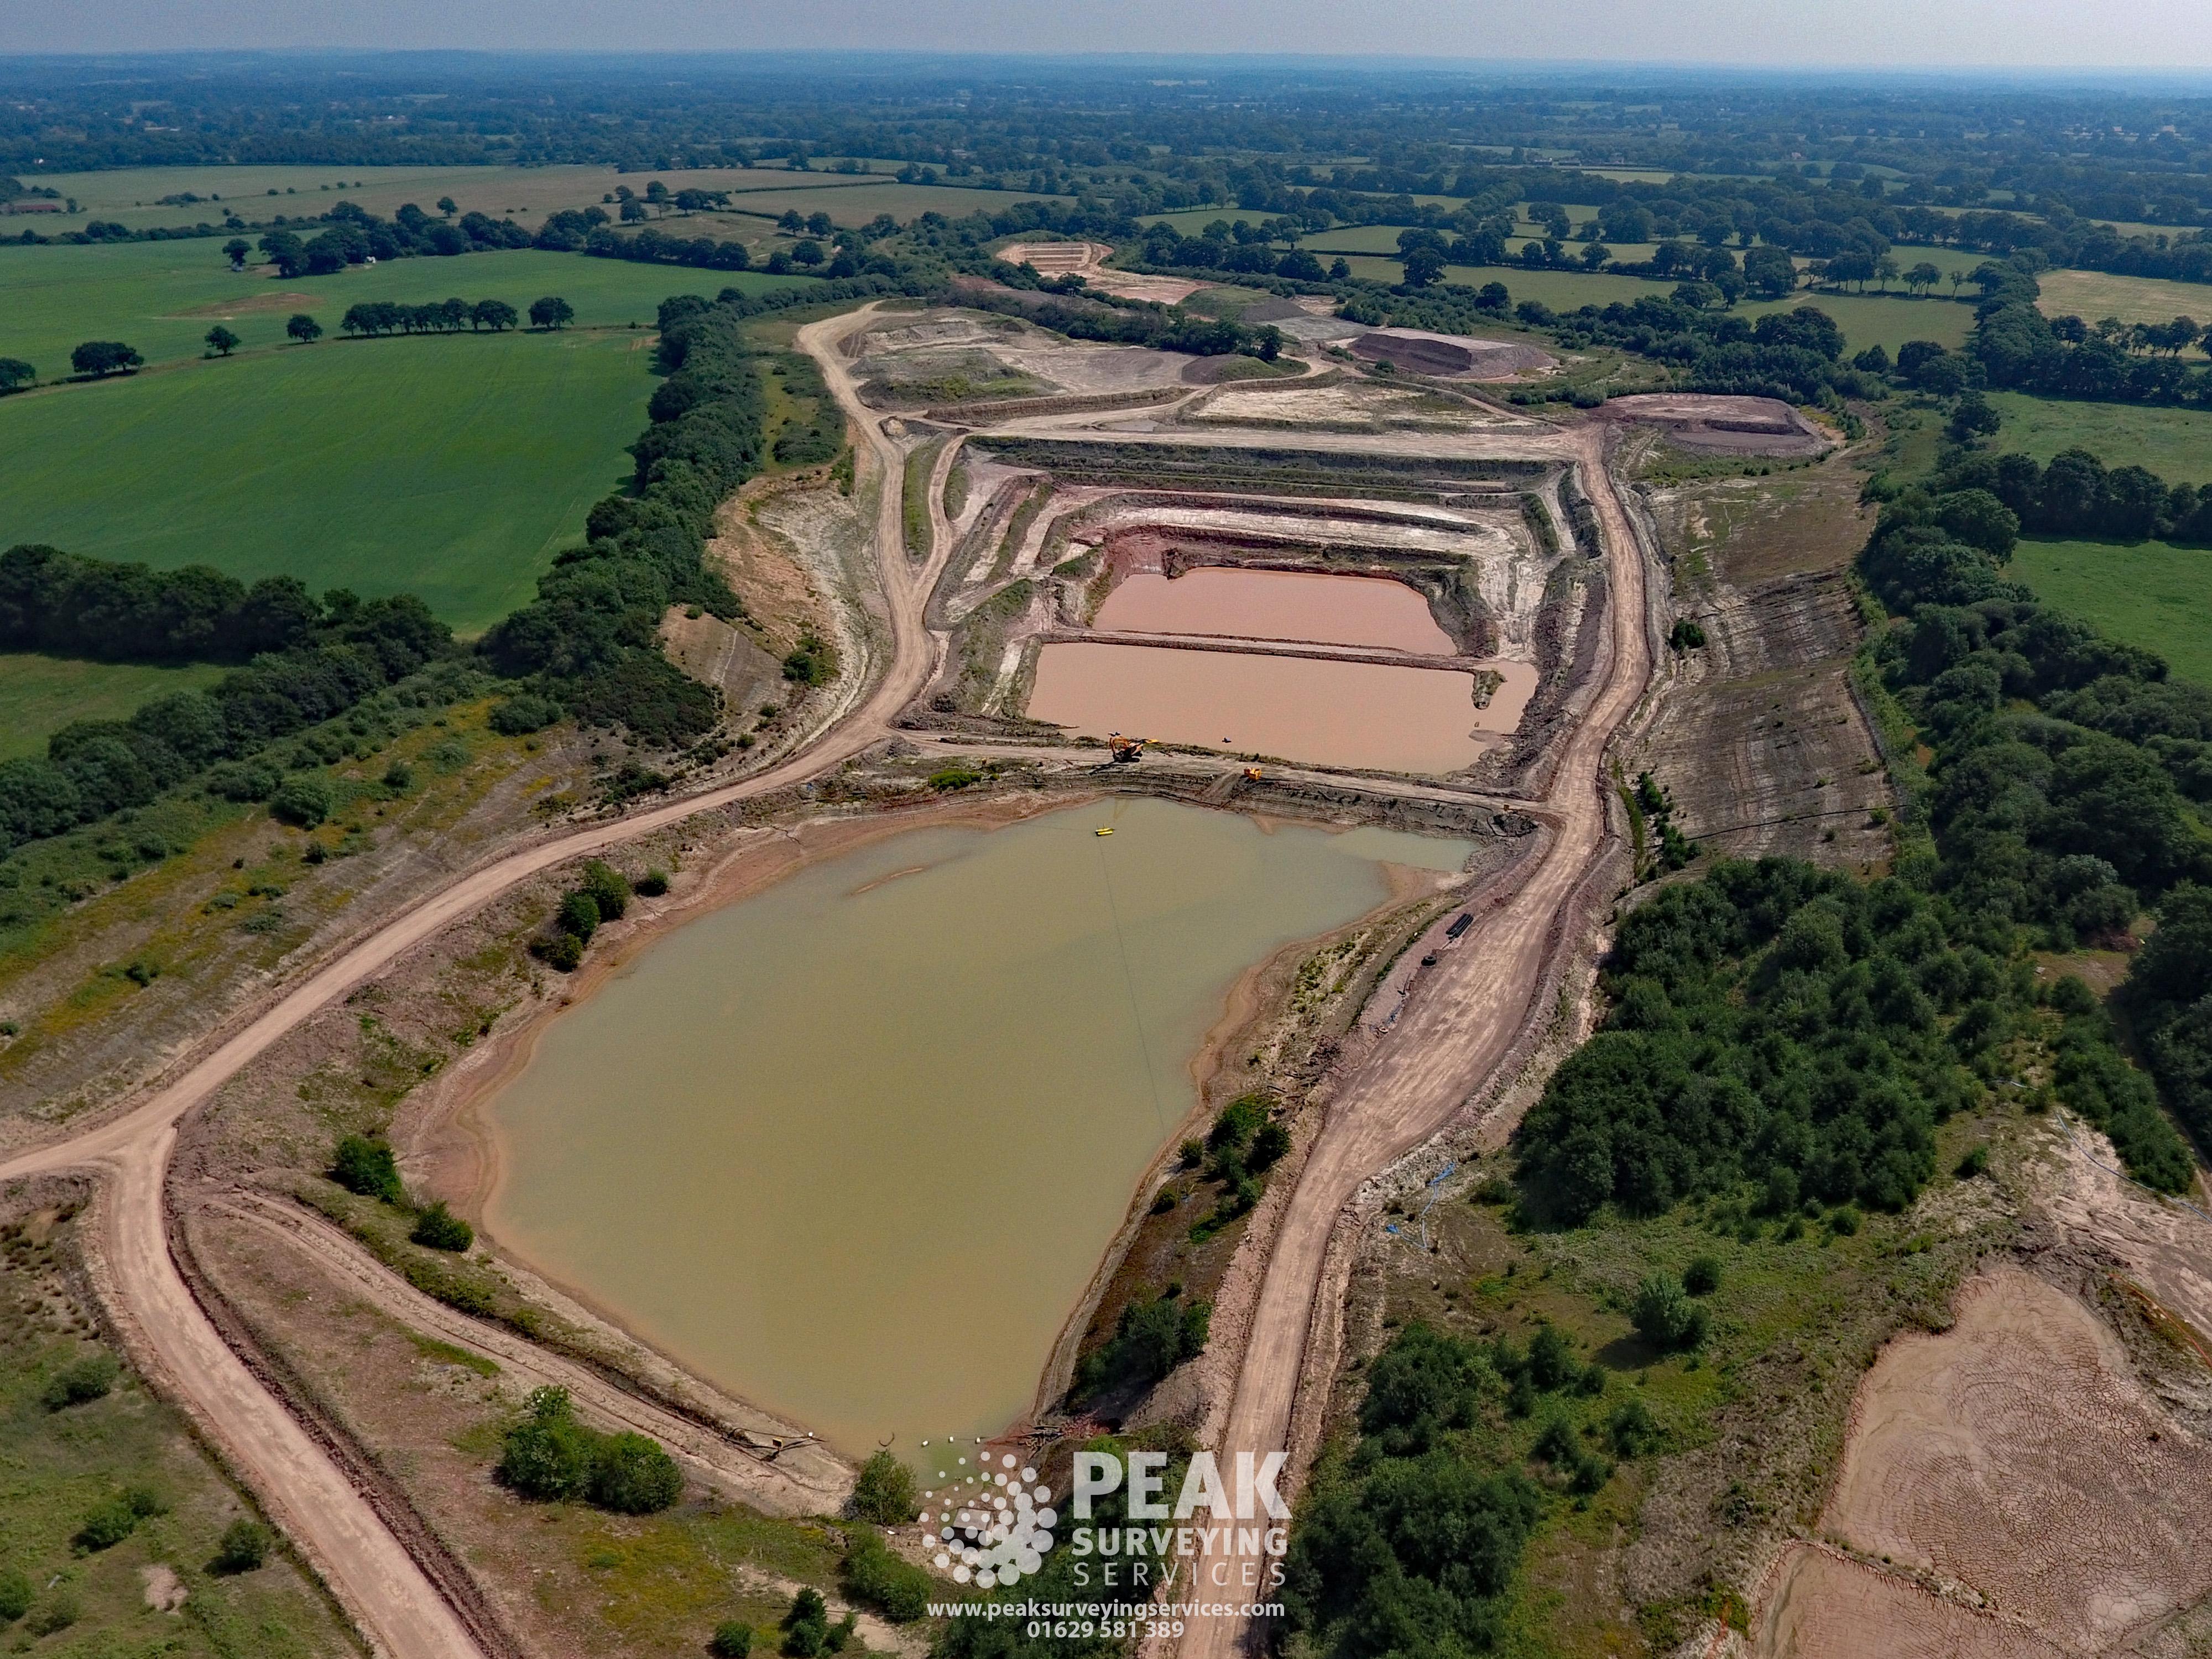 Quarry Aerial Photo